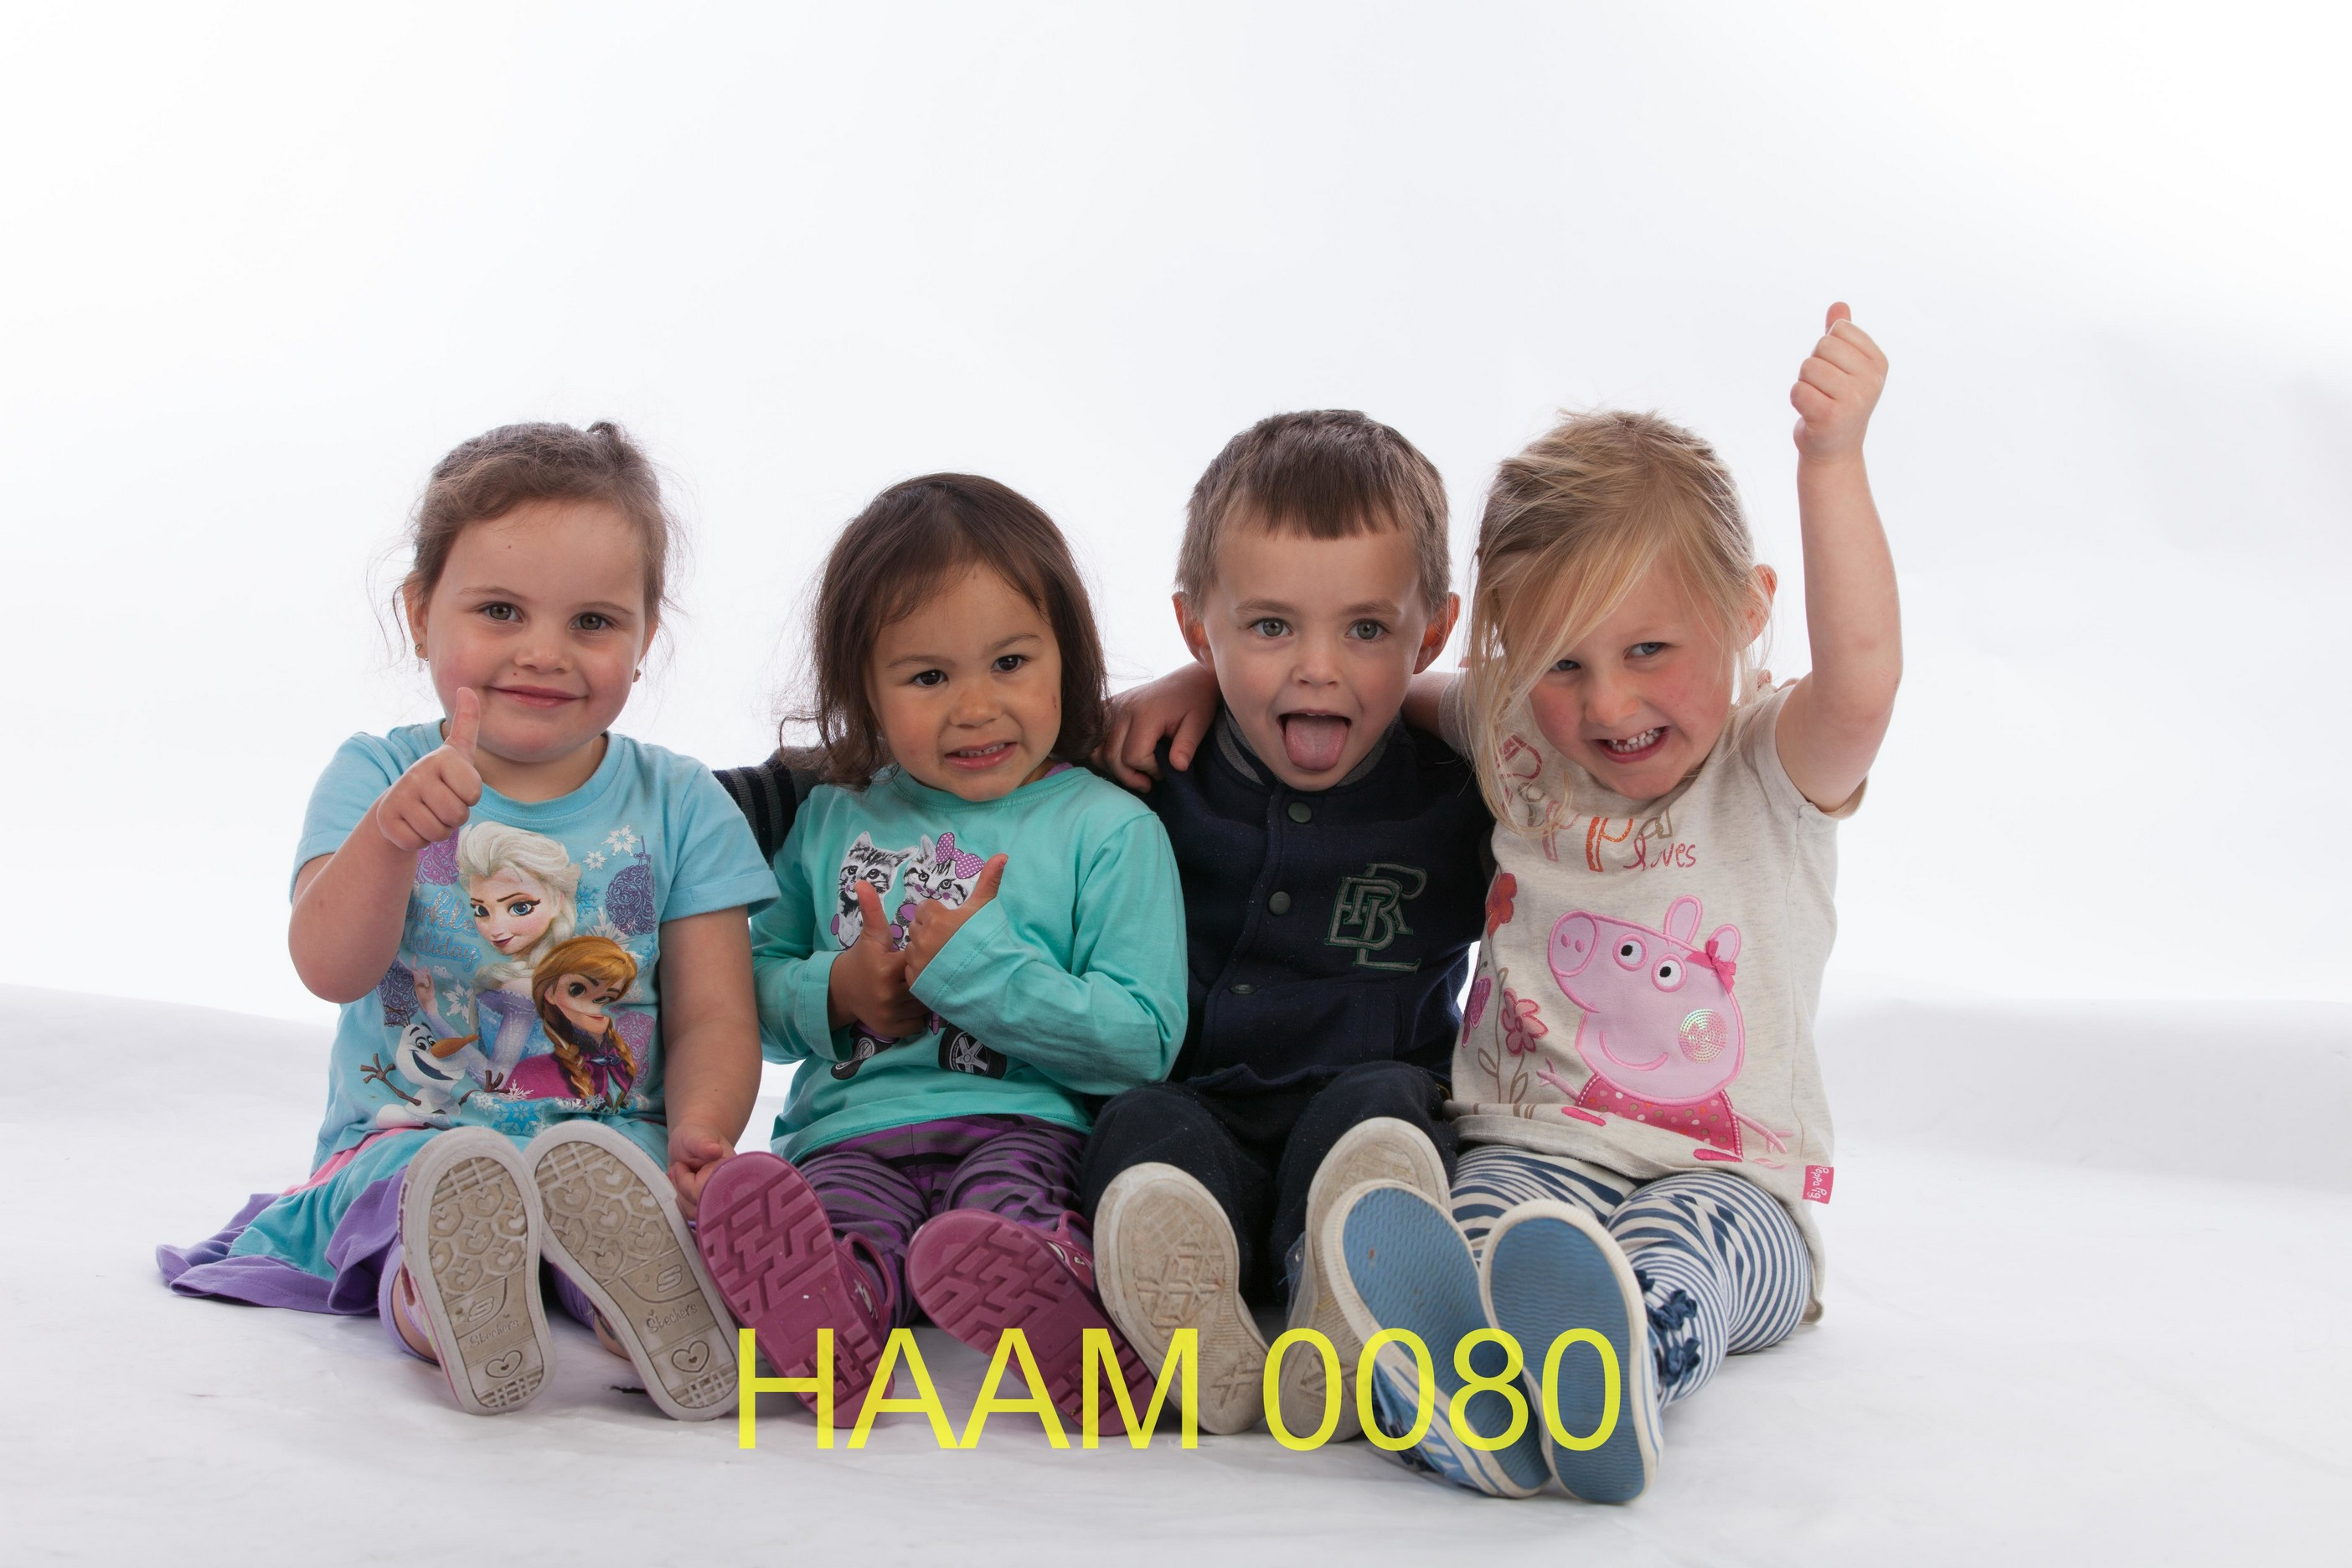 HAAM 0080